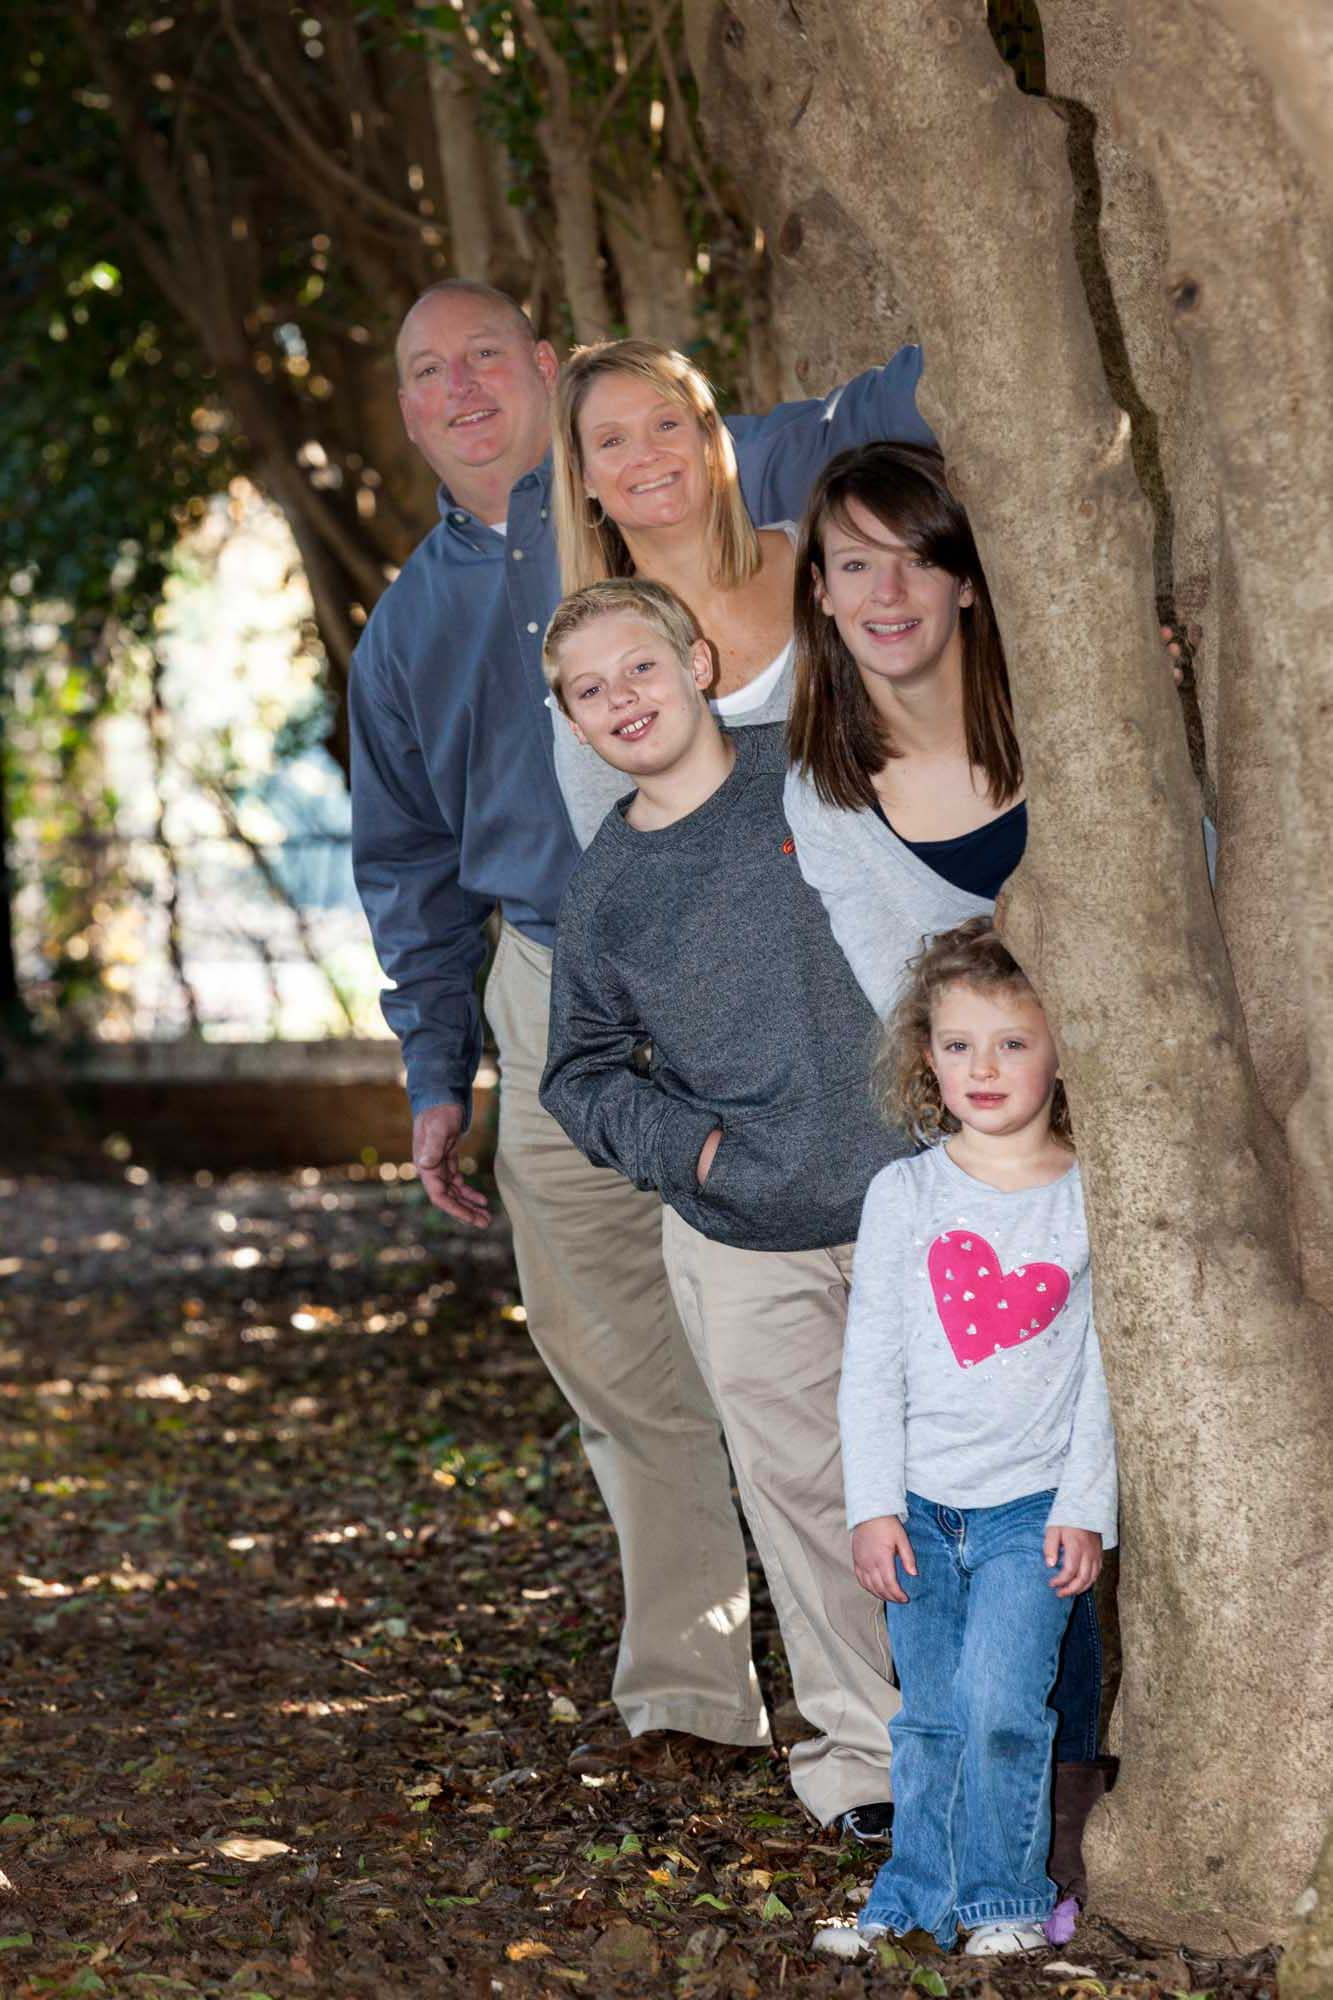 267-Manganero Family.jpg